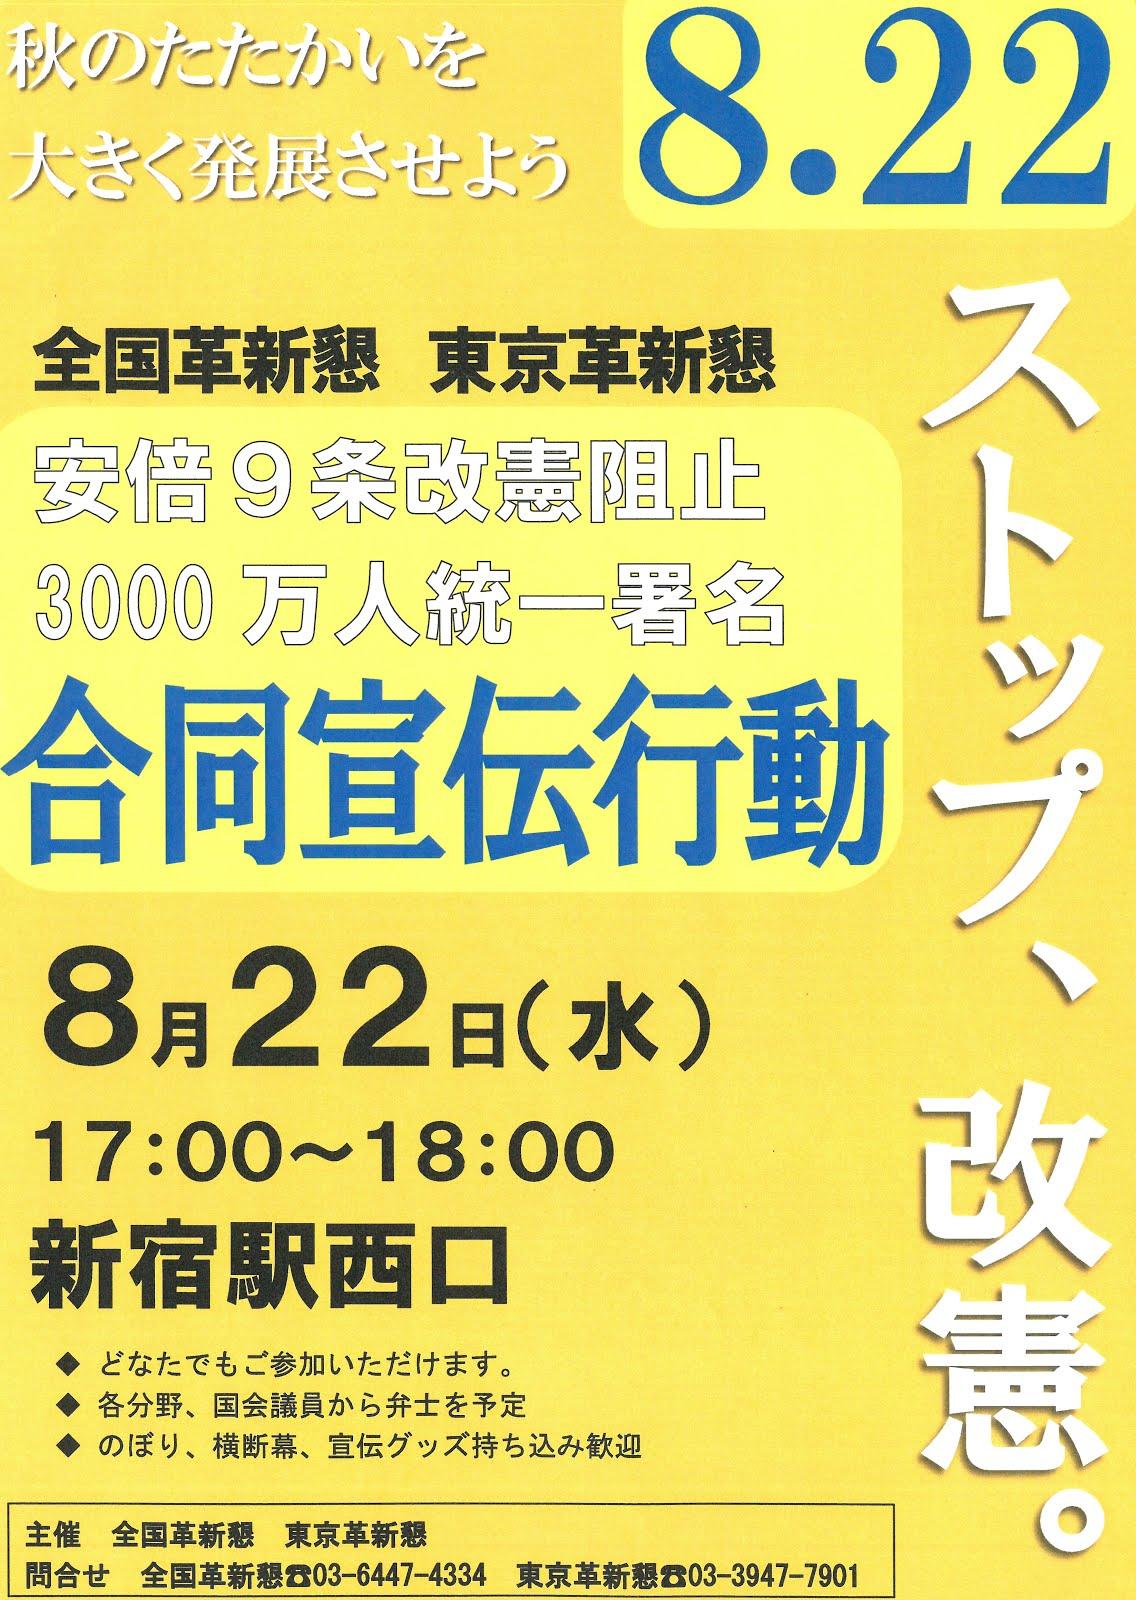 8月22日全国革新懇・東京革新懇合同大宣伝 午後5時~6時新宿駅西口